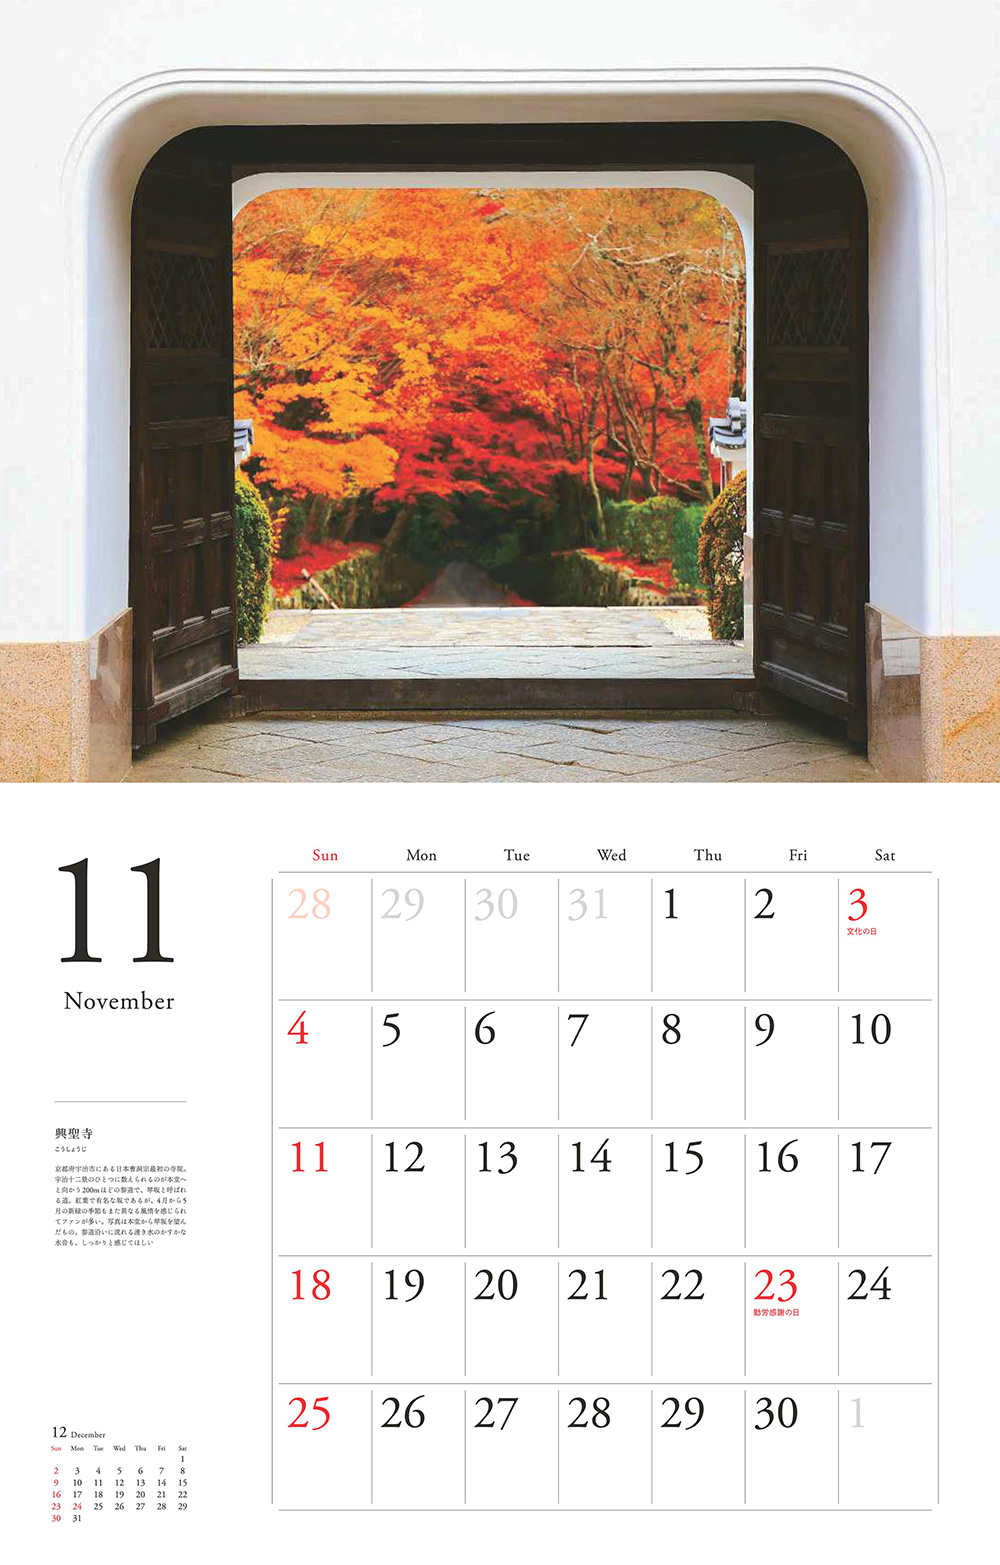 カレンダー2018 アートとしての日本庭園